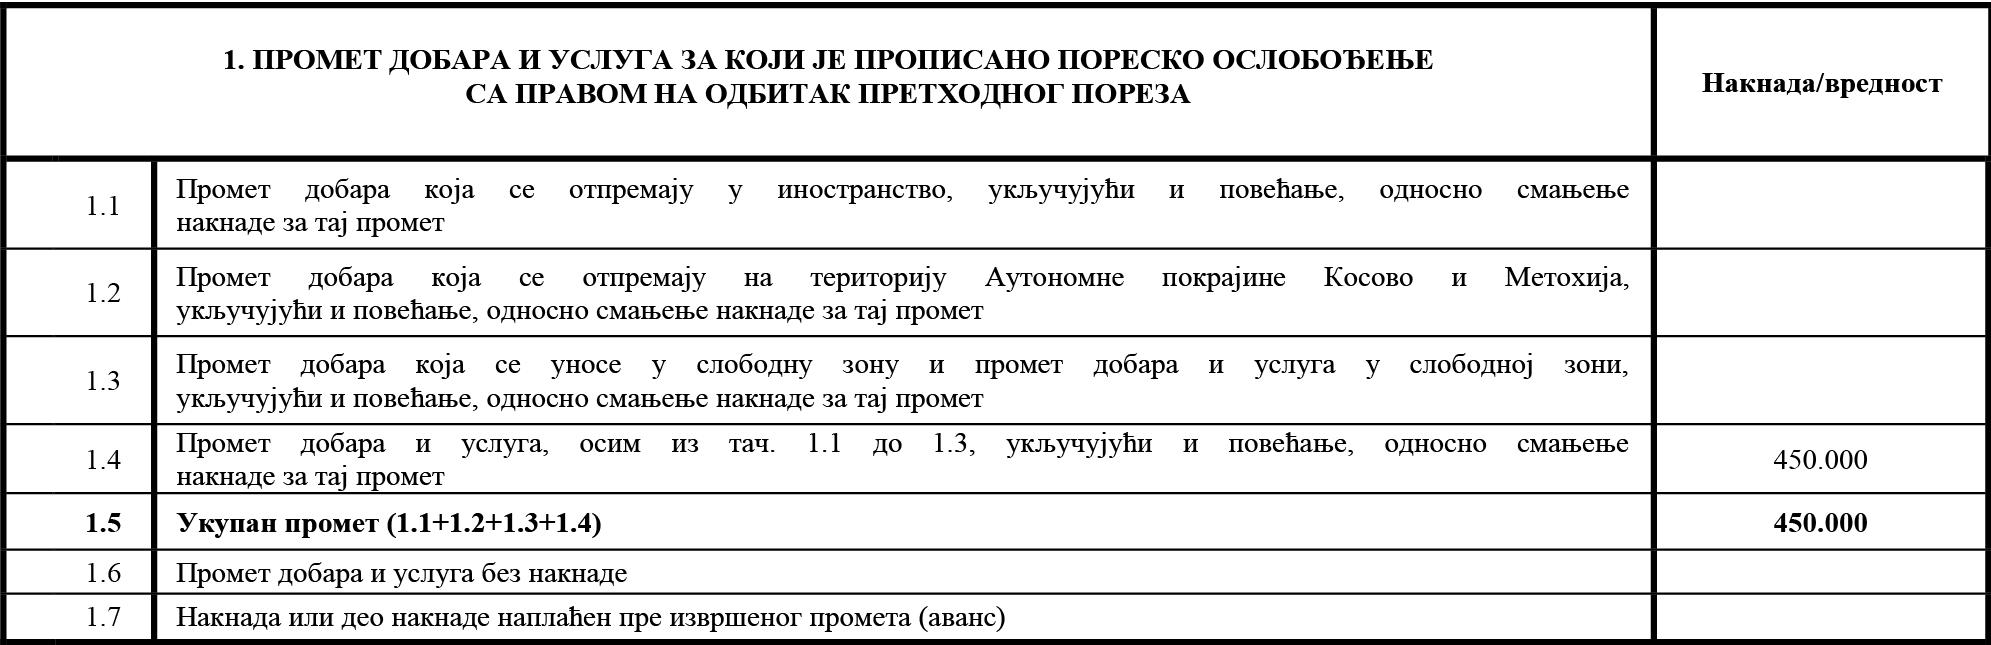 uputstvo PU obrazac POPDV primer 18